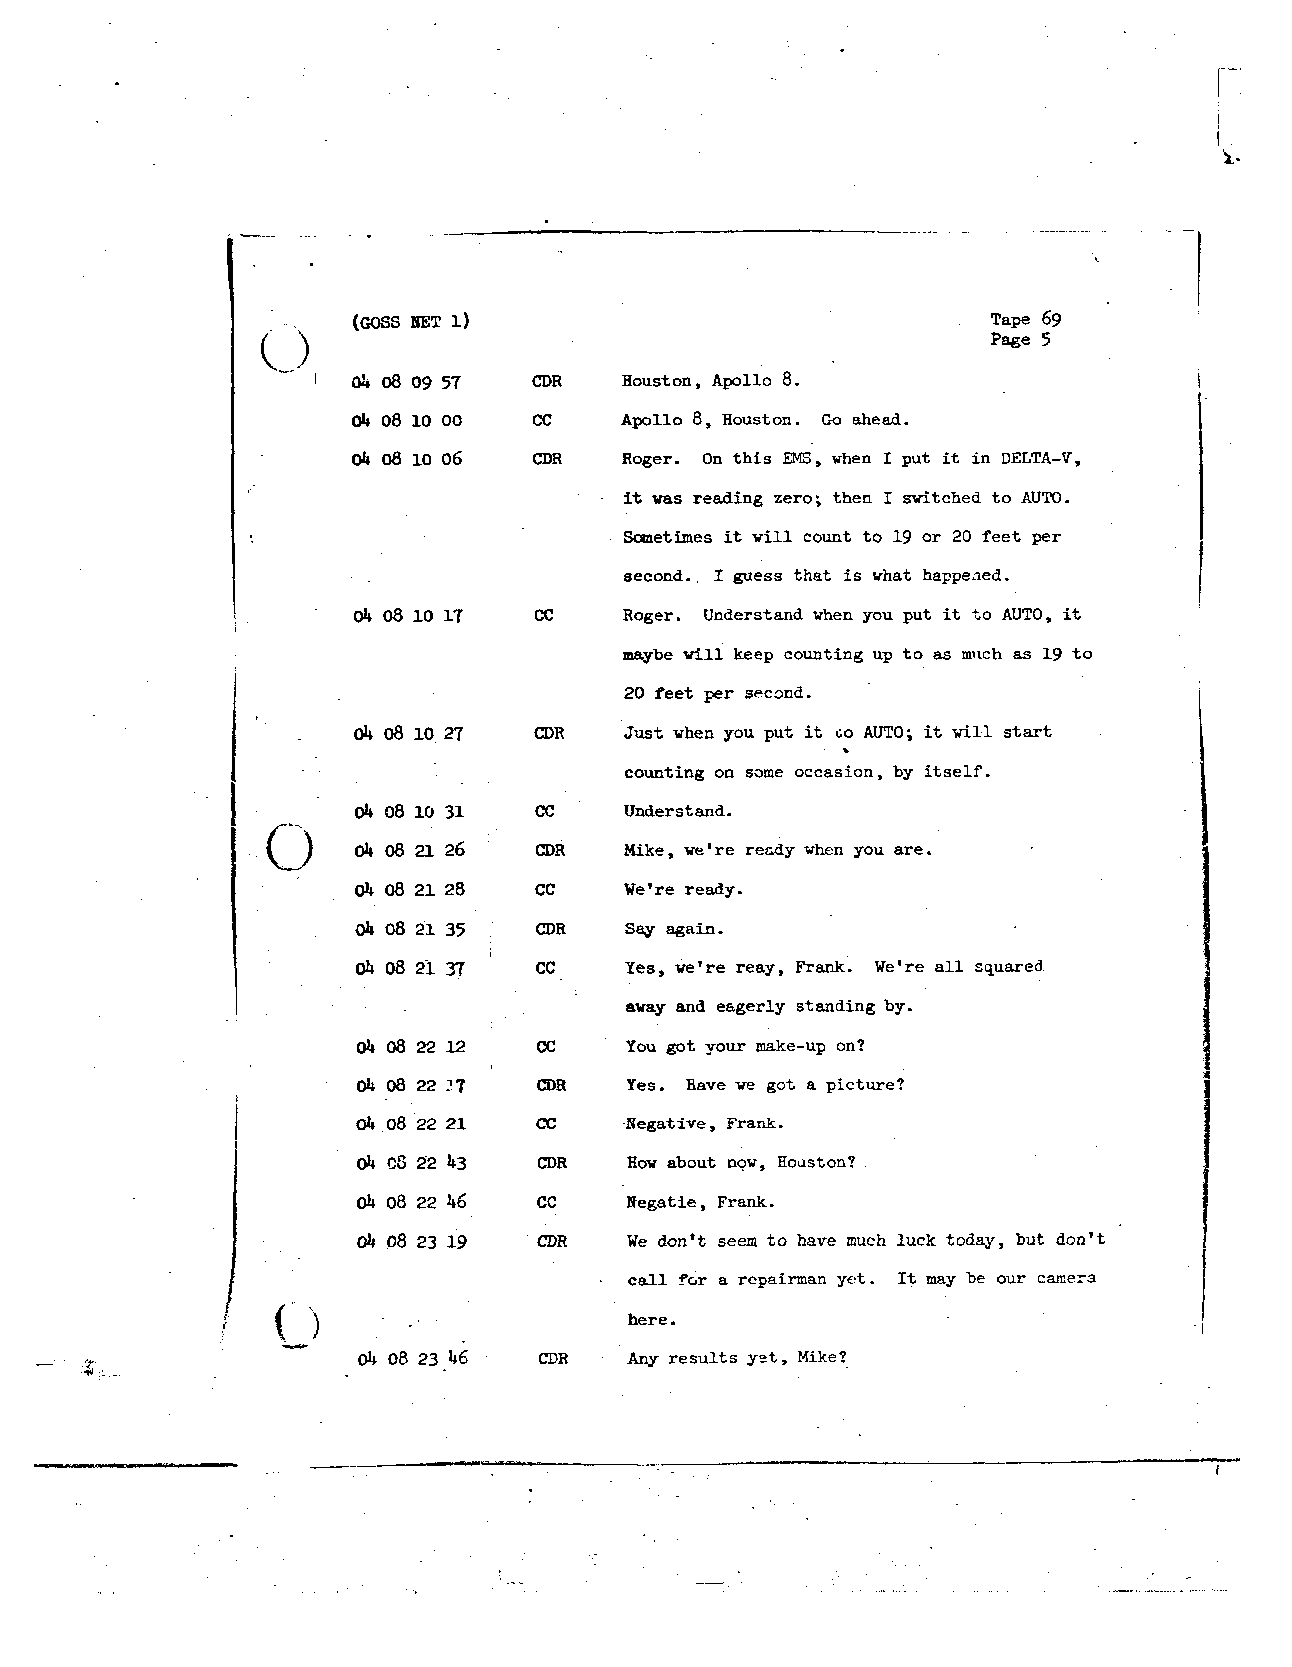 Page 551 of Apollo 8's original transcript